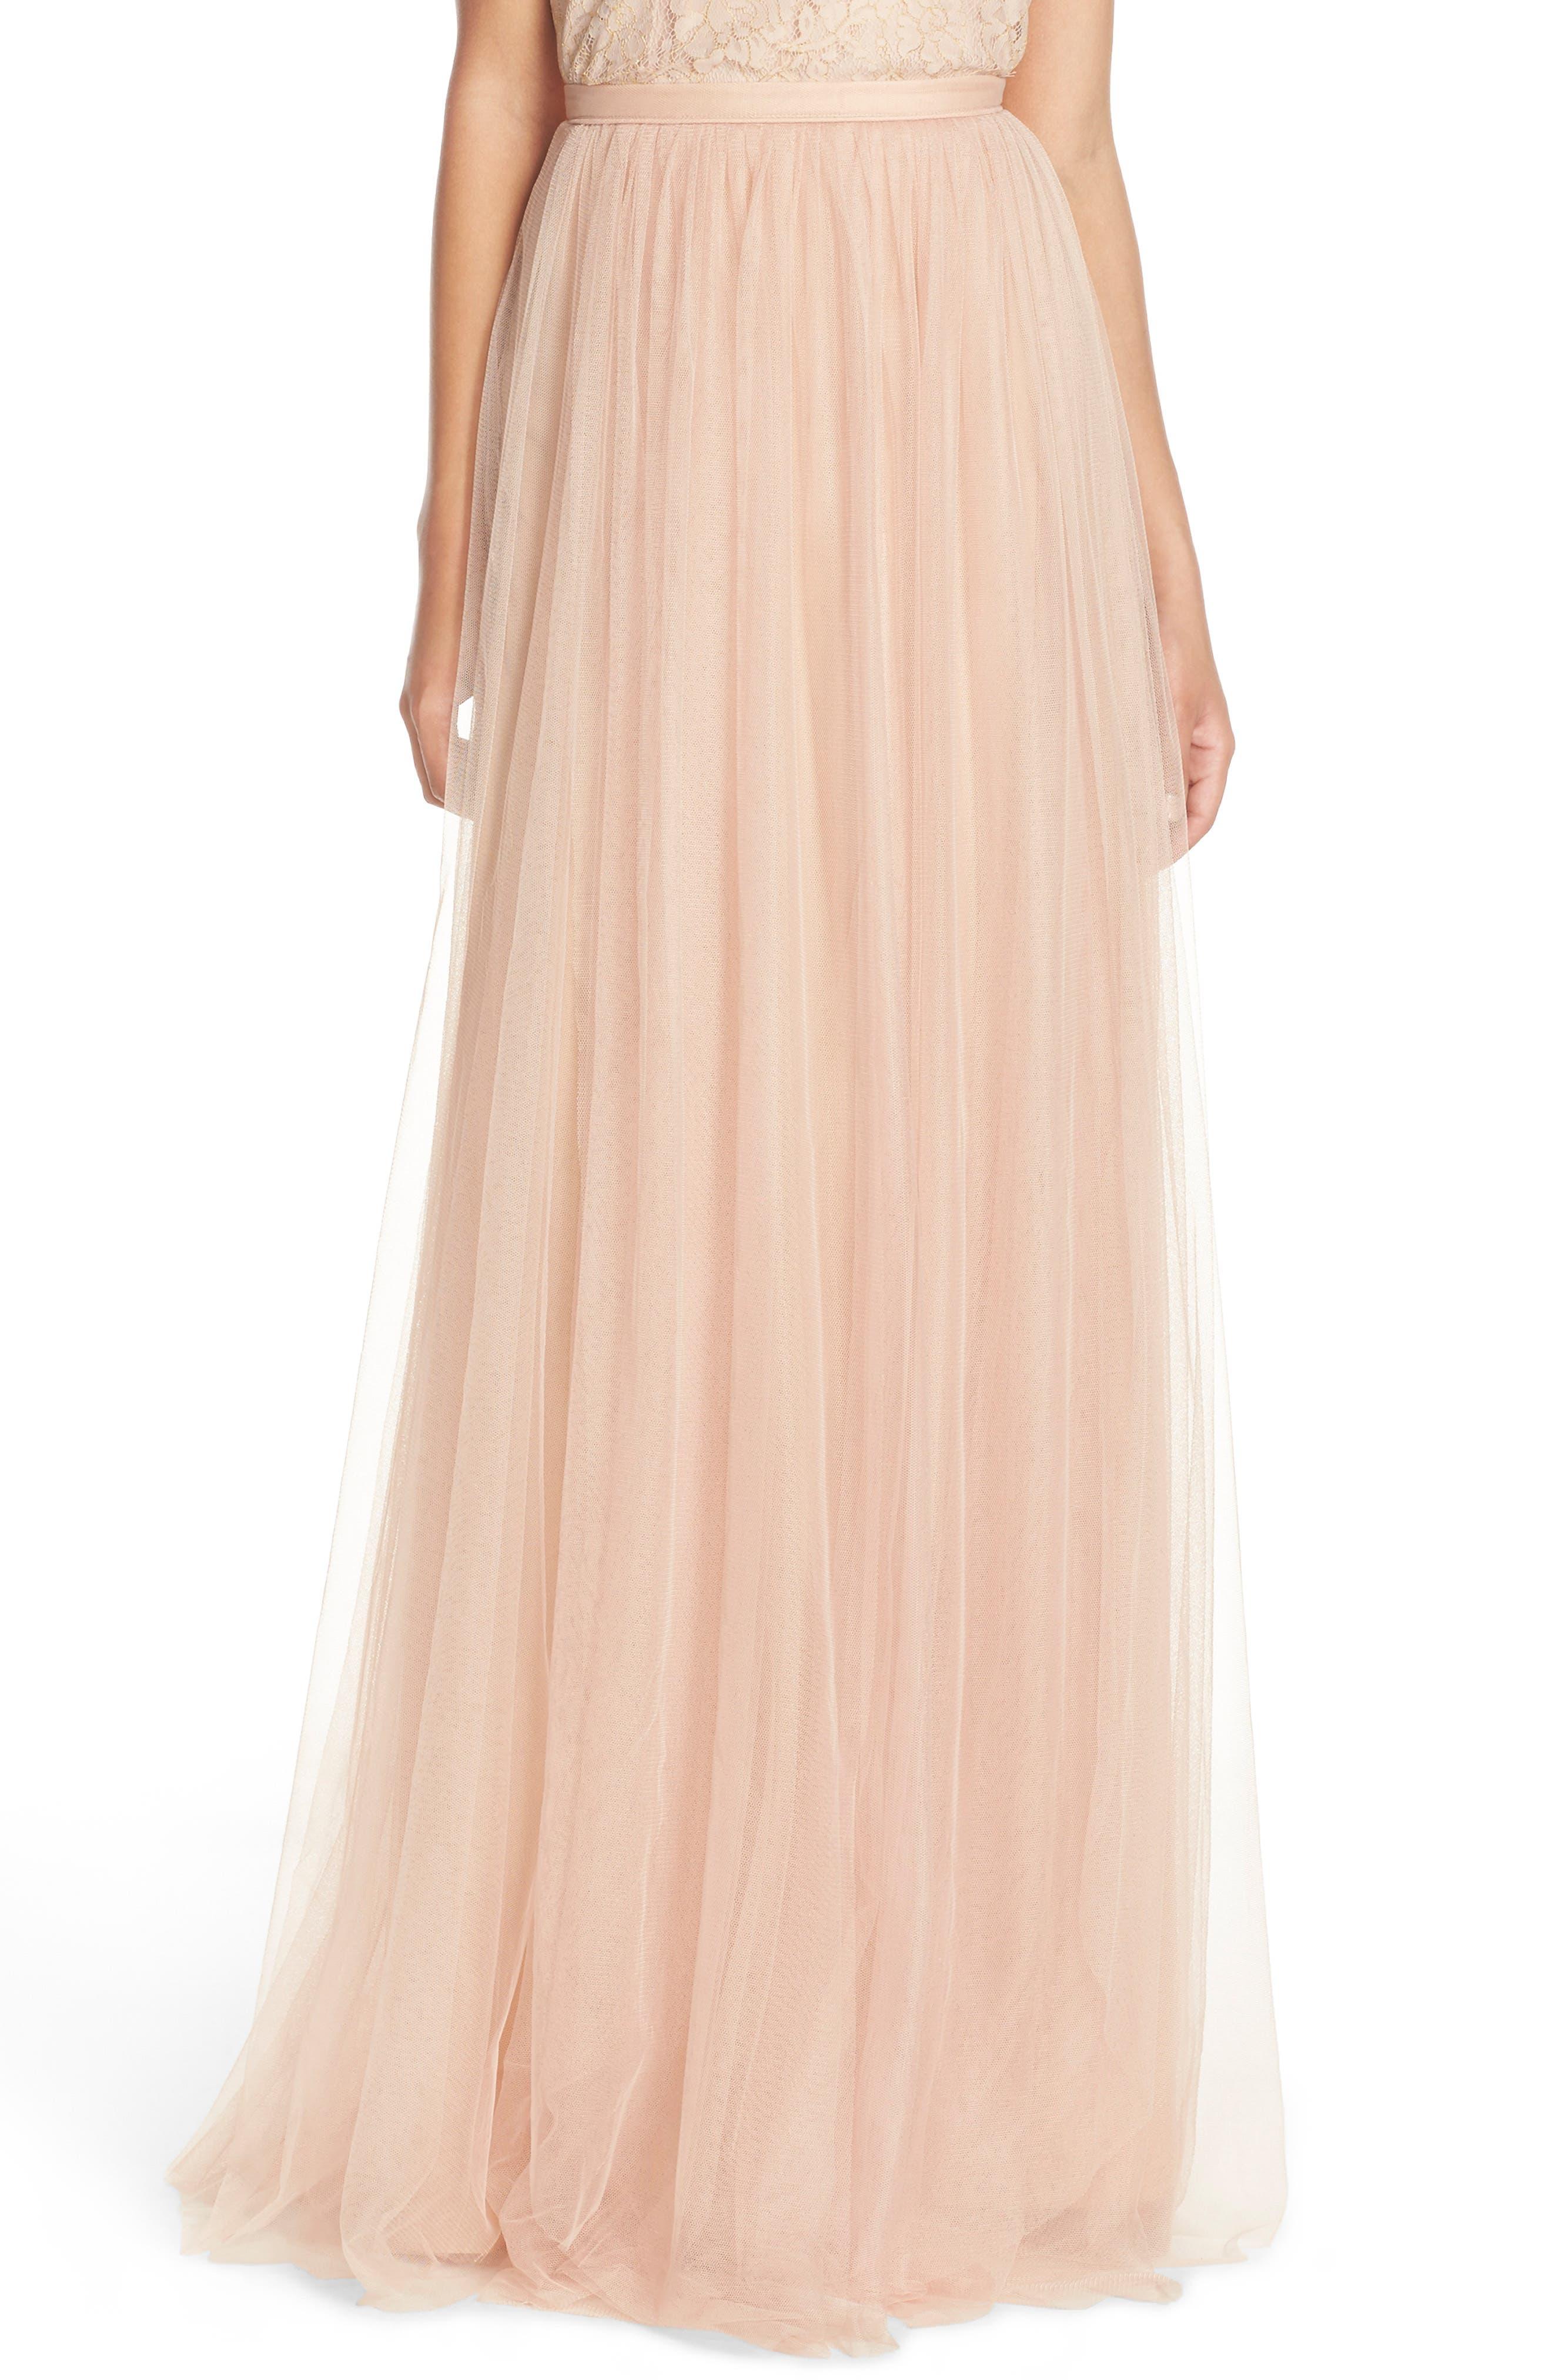 Arabella Tulle Ballgown Skirt,                             Alternate thumbnail 5, color,                             685